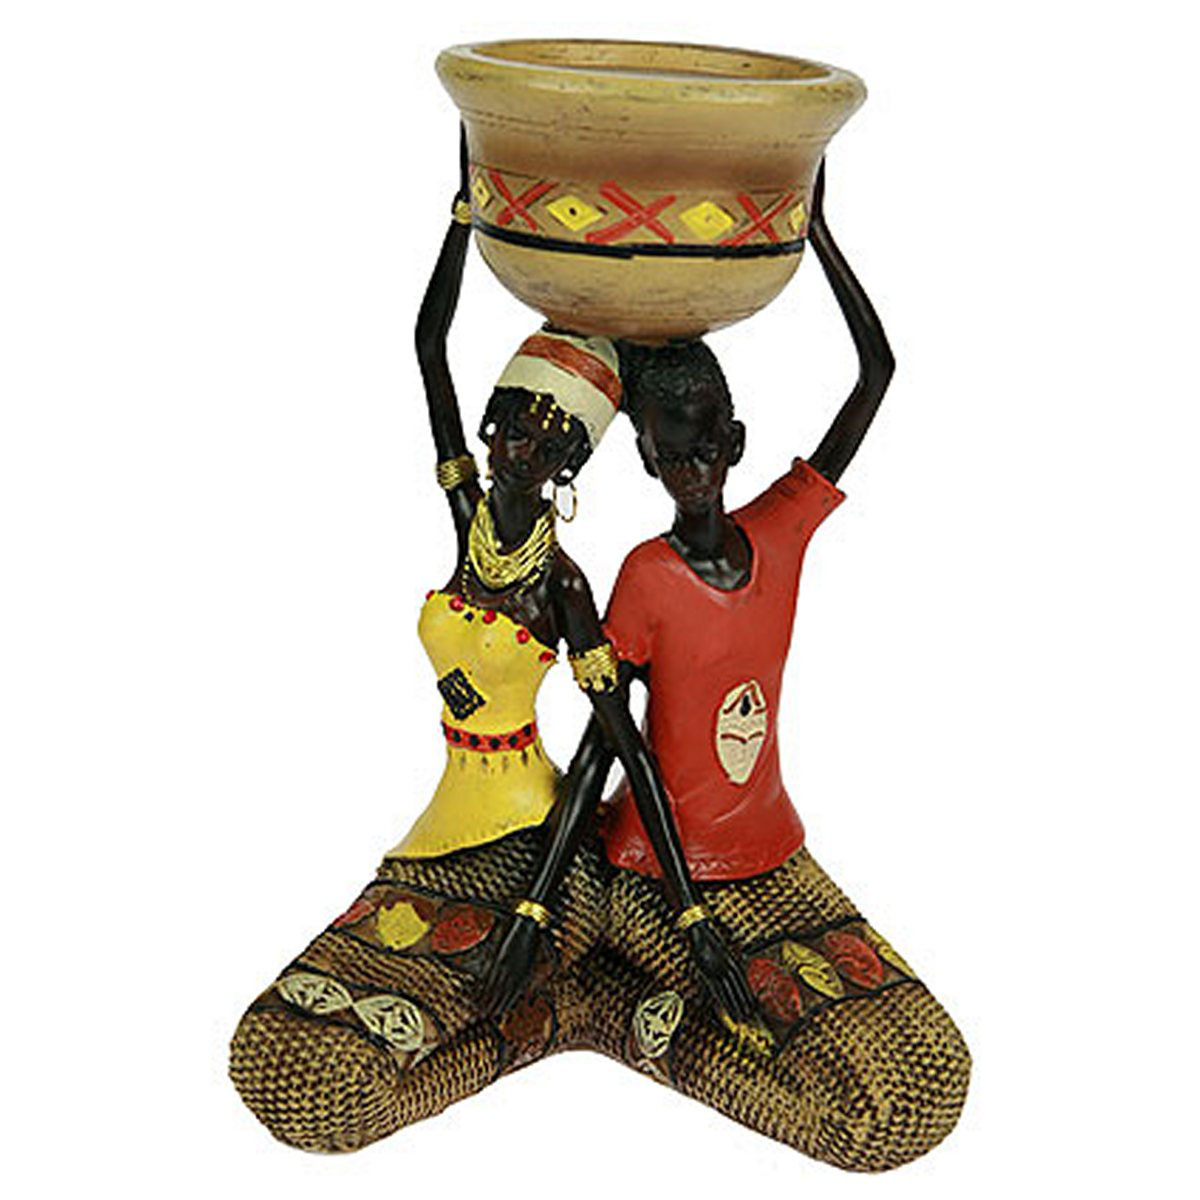 Статуэтка Русские Подарки Африканка, 16 х 12 х 23 см. 26137119894Статуэтка Русские Подарки Африканка, изготовленная из полистоуна, имеет изысканный внешний вид. Изделие станет прекрасным украшением интерьера гостиной, офиса или дома. Вы можете поставить статуэтку в любое место, где она будет удачно смотреться и радовать глаз. Правила ухода: регулярно вытирать пыль сухой, мягкой тканью.